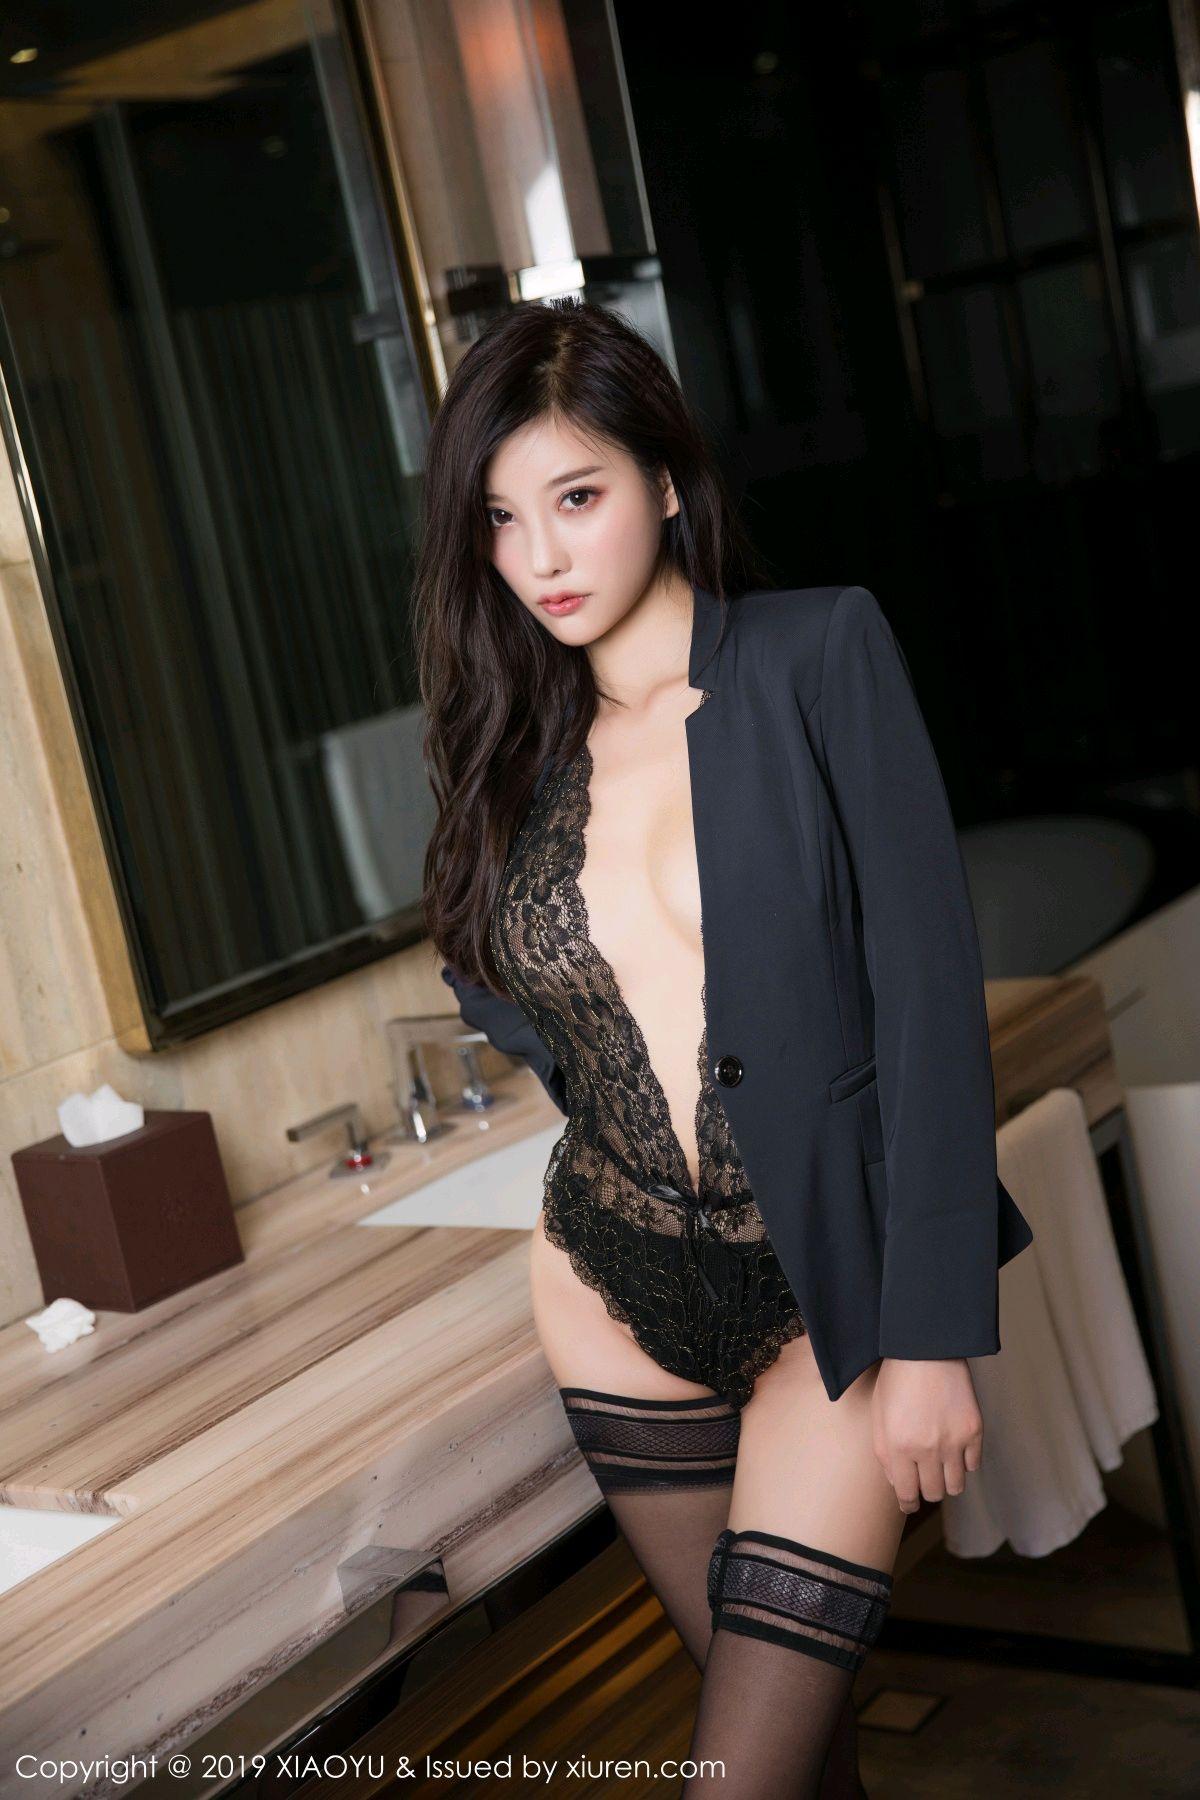 [XiaoYu] Vol.013 Yang Chen Chen 27P, Tall, XiaoYu, Yang Chen Chen